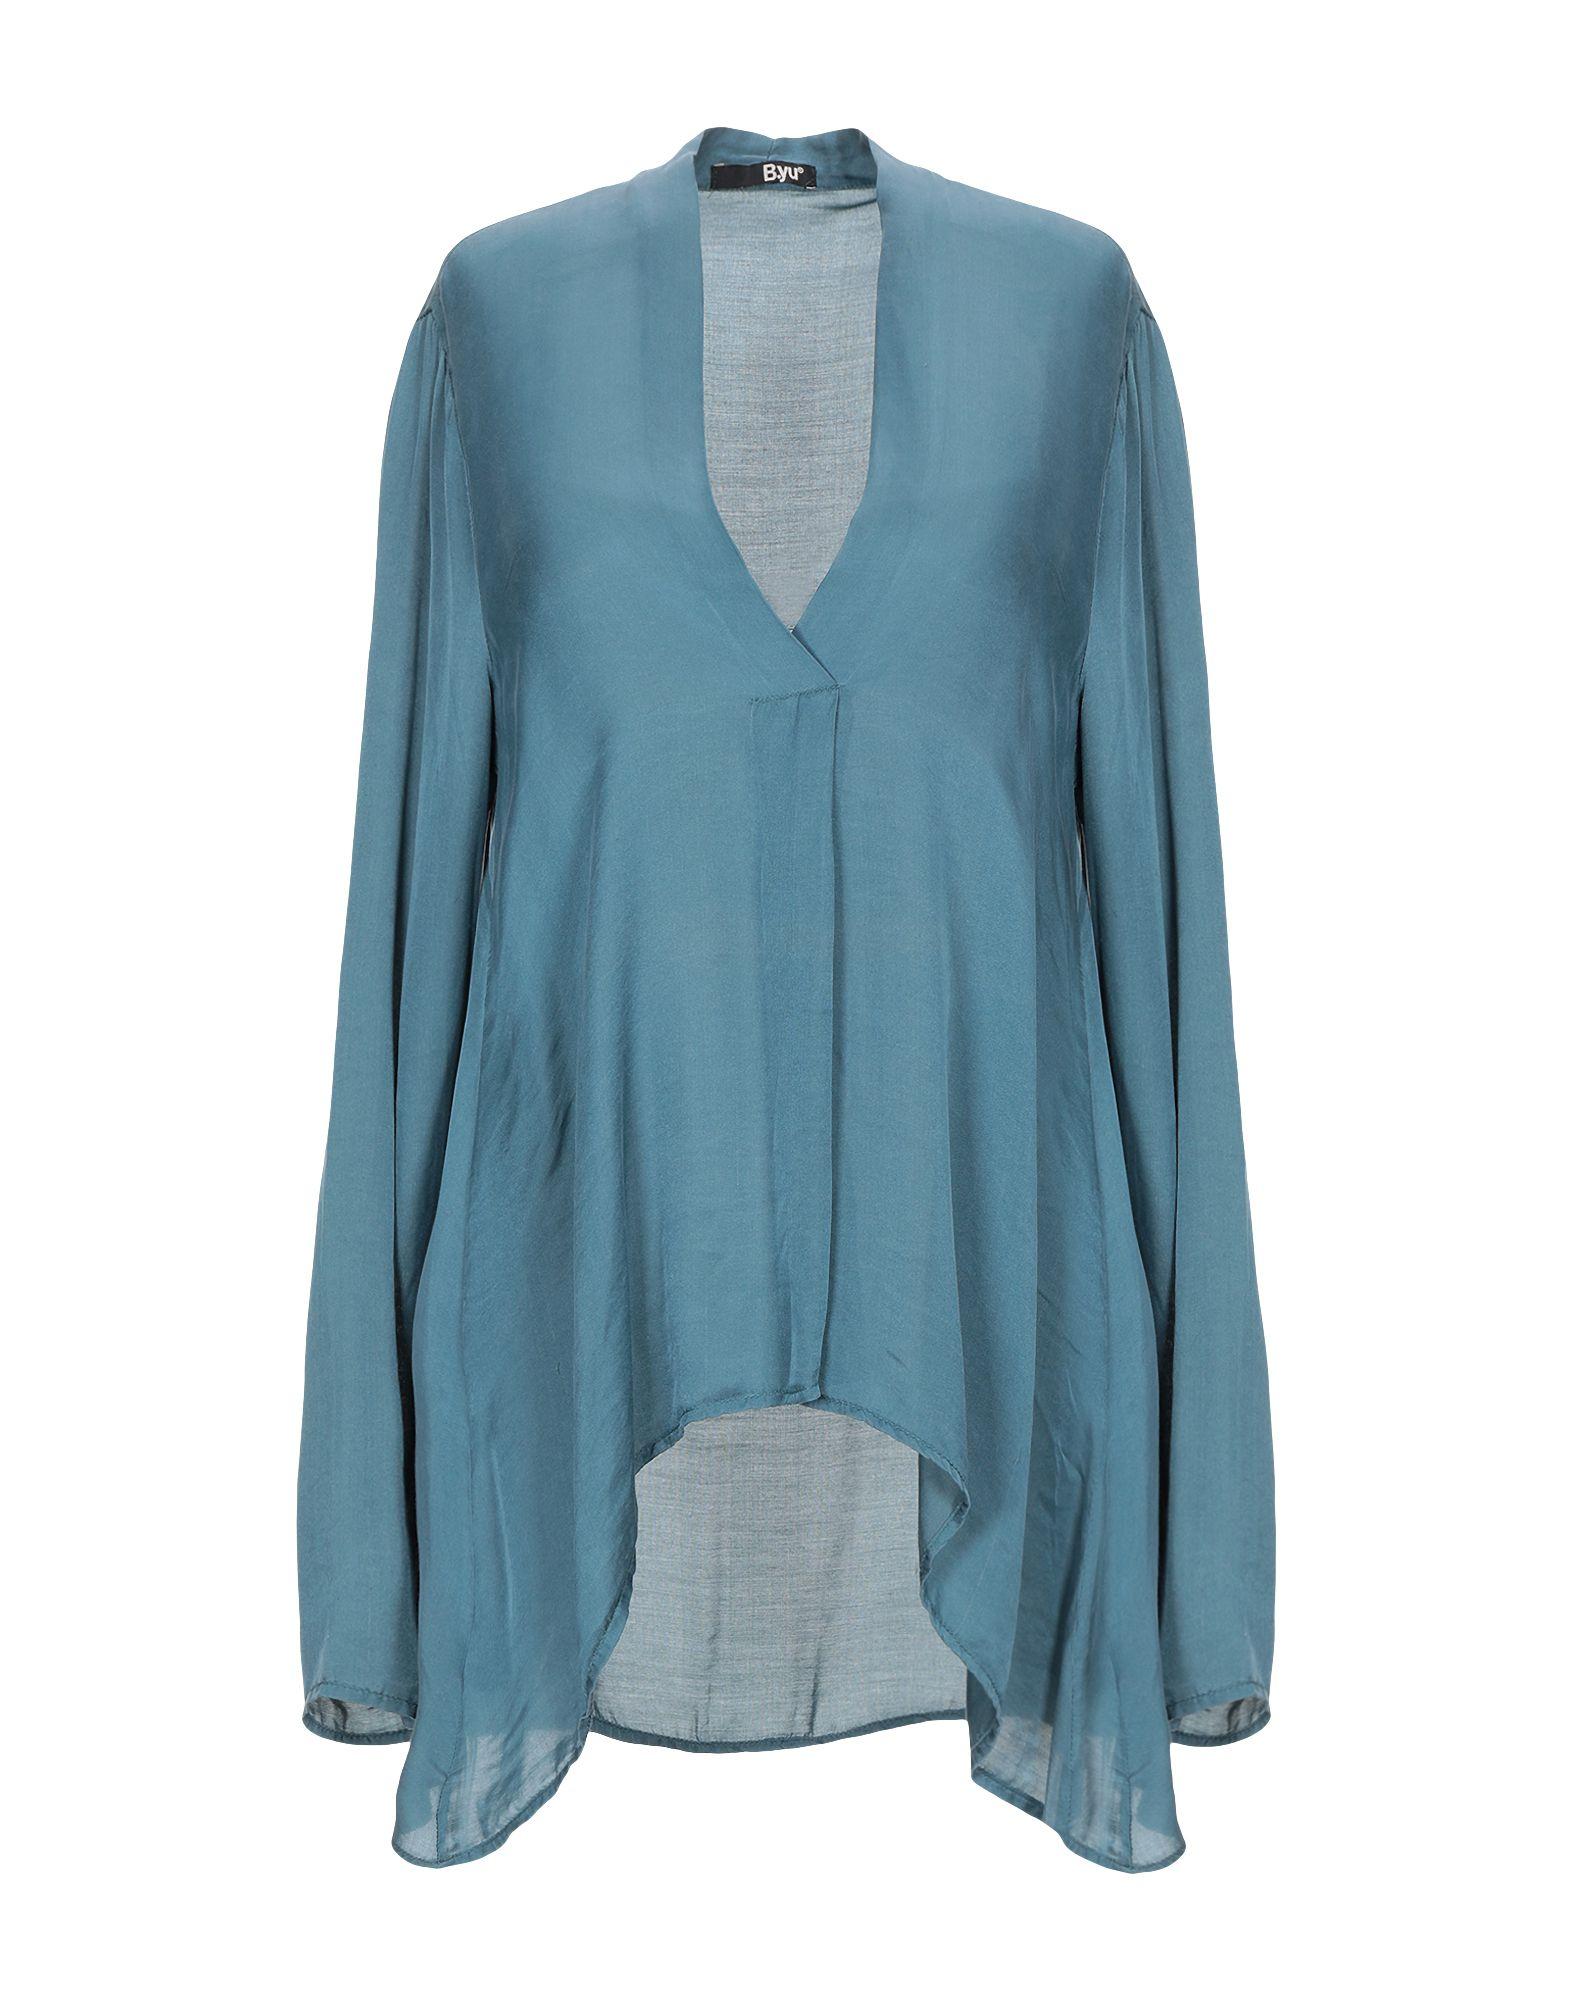 blusa B.Yu donna donna donna - 38829186LU 323